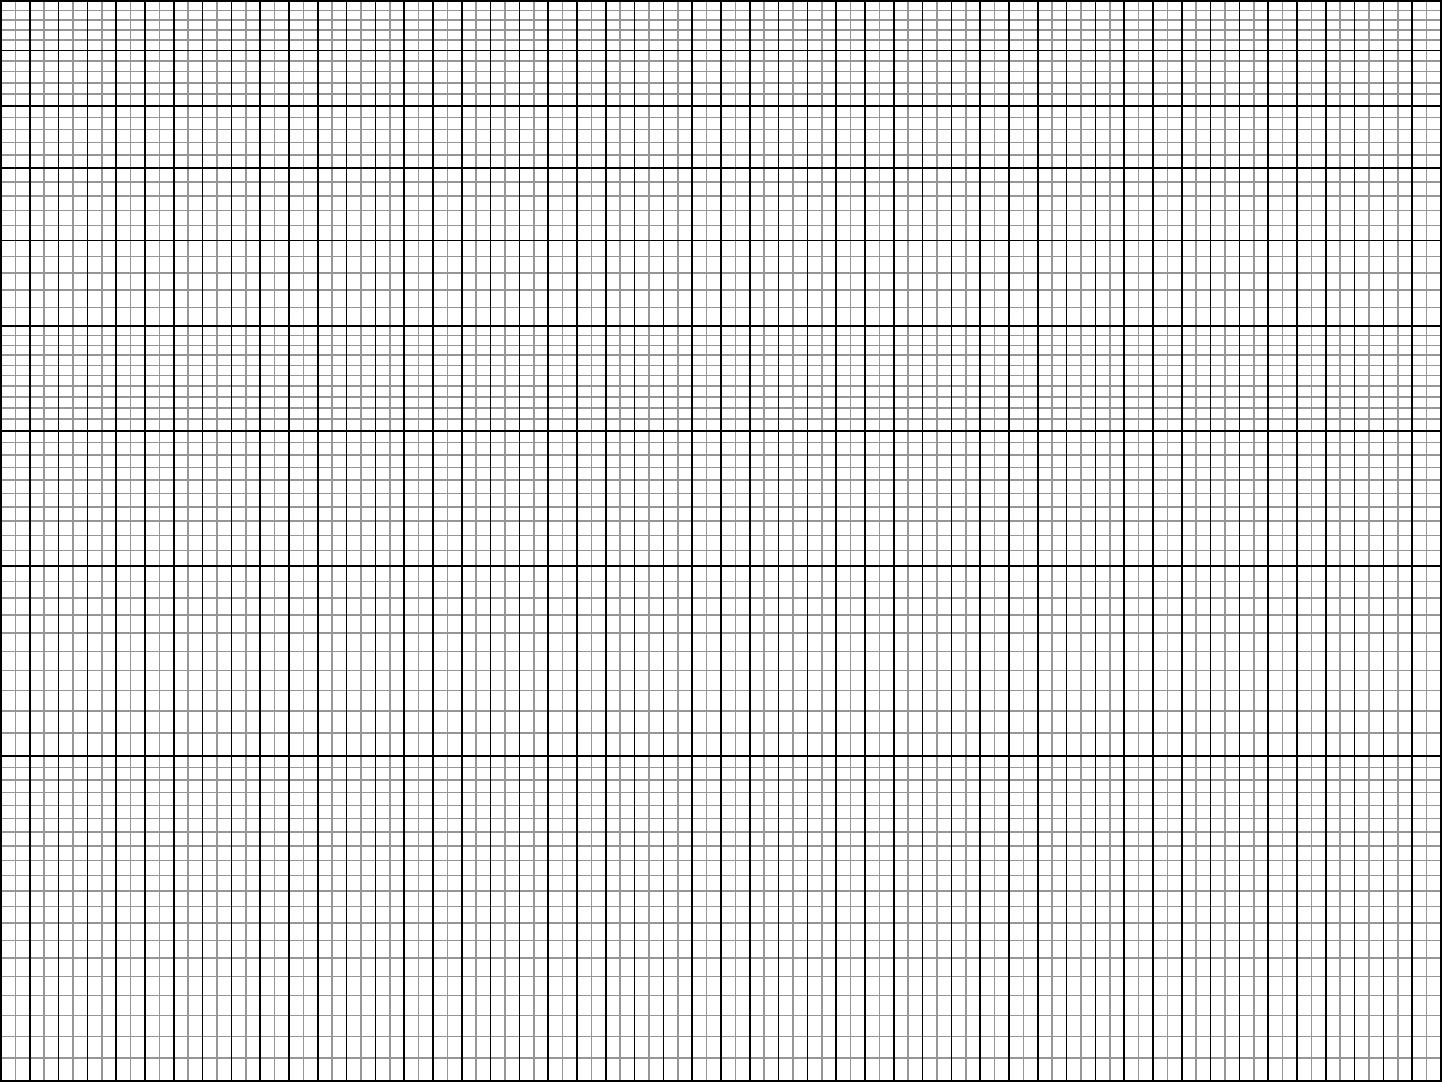 free semi log graph paper pdf 35kb 1 pages